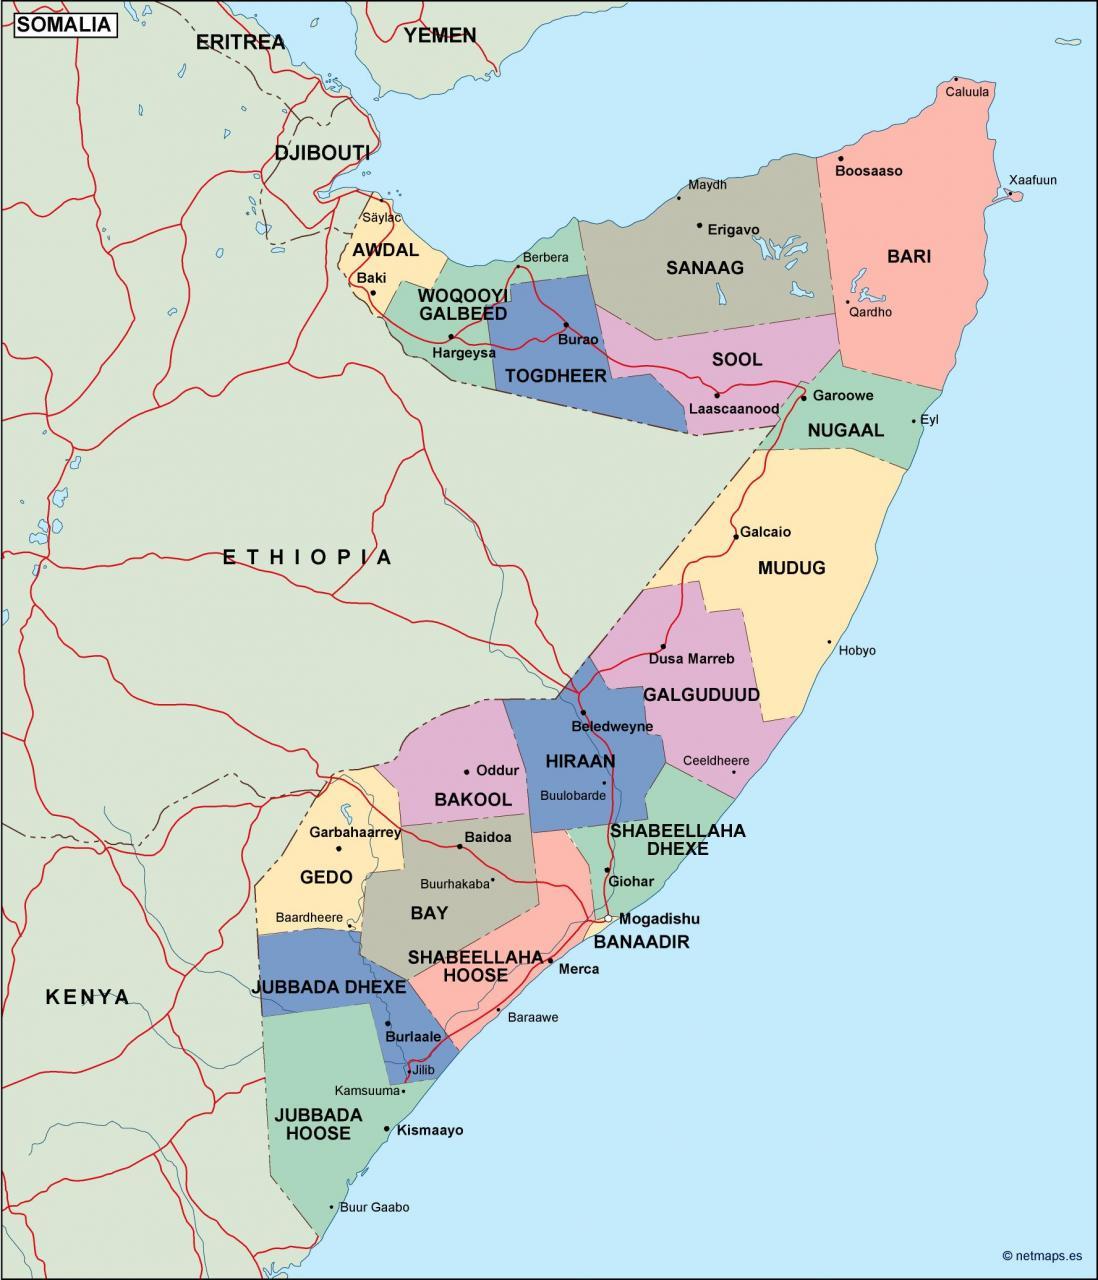 خريطة الصومال بالانجليزي